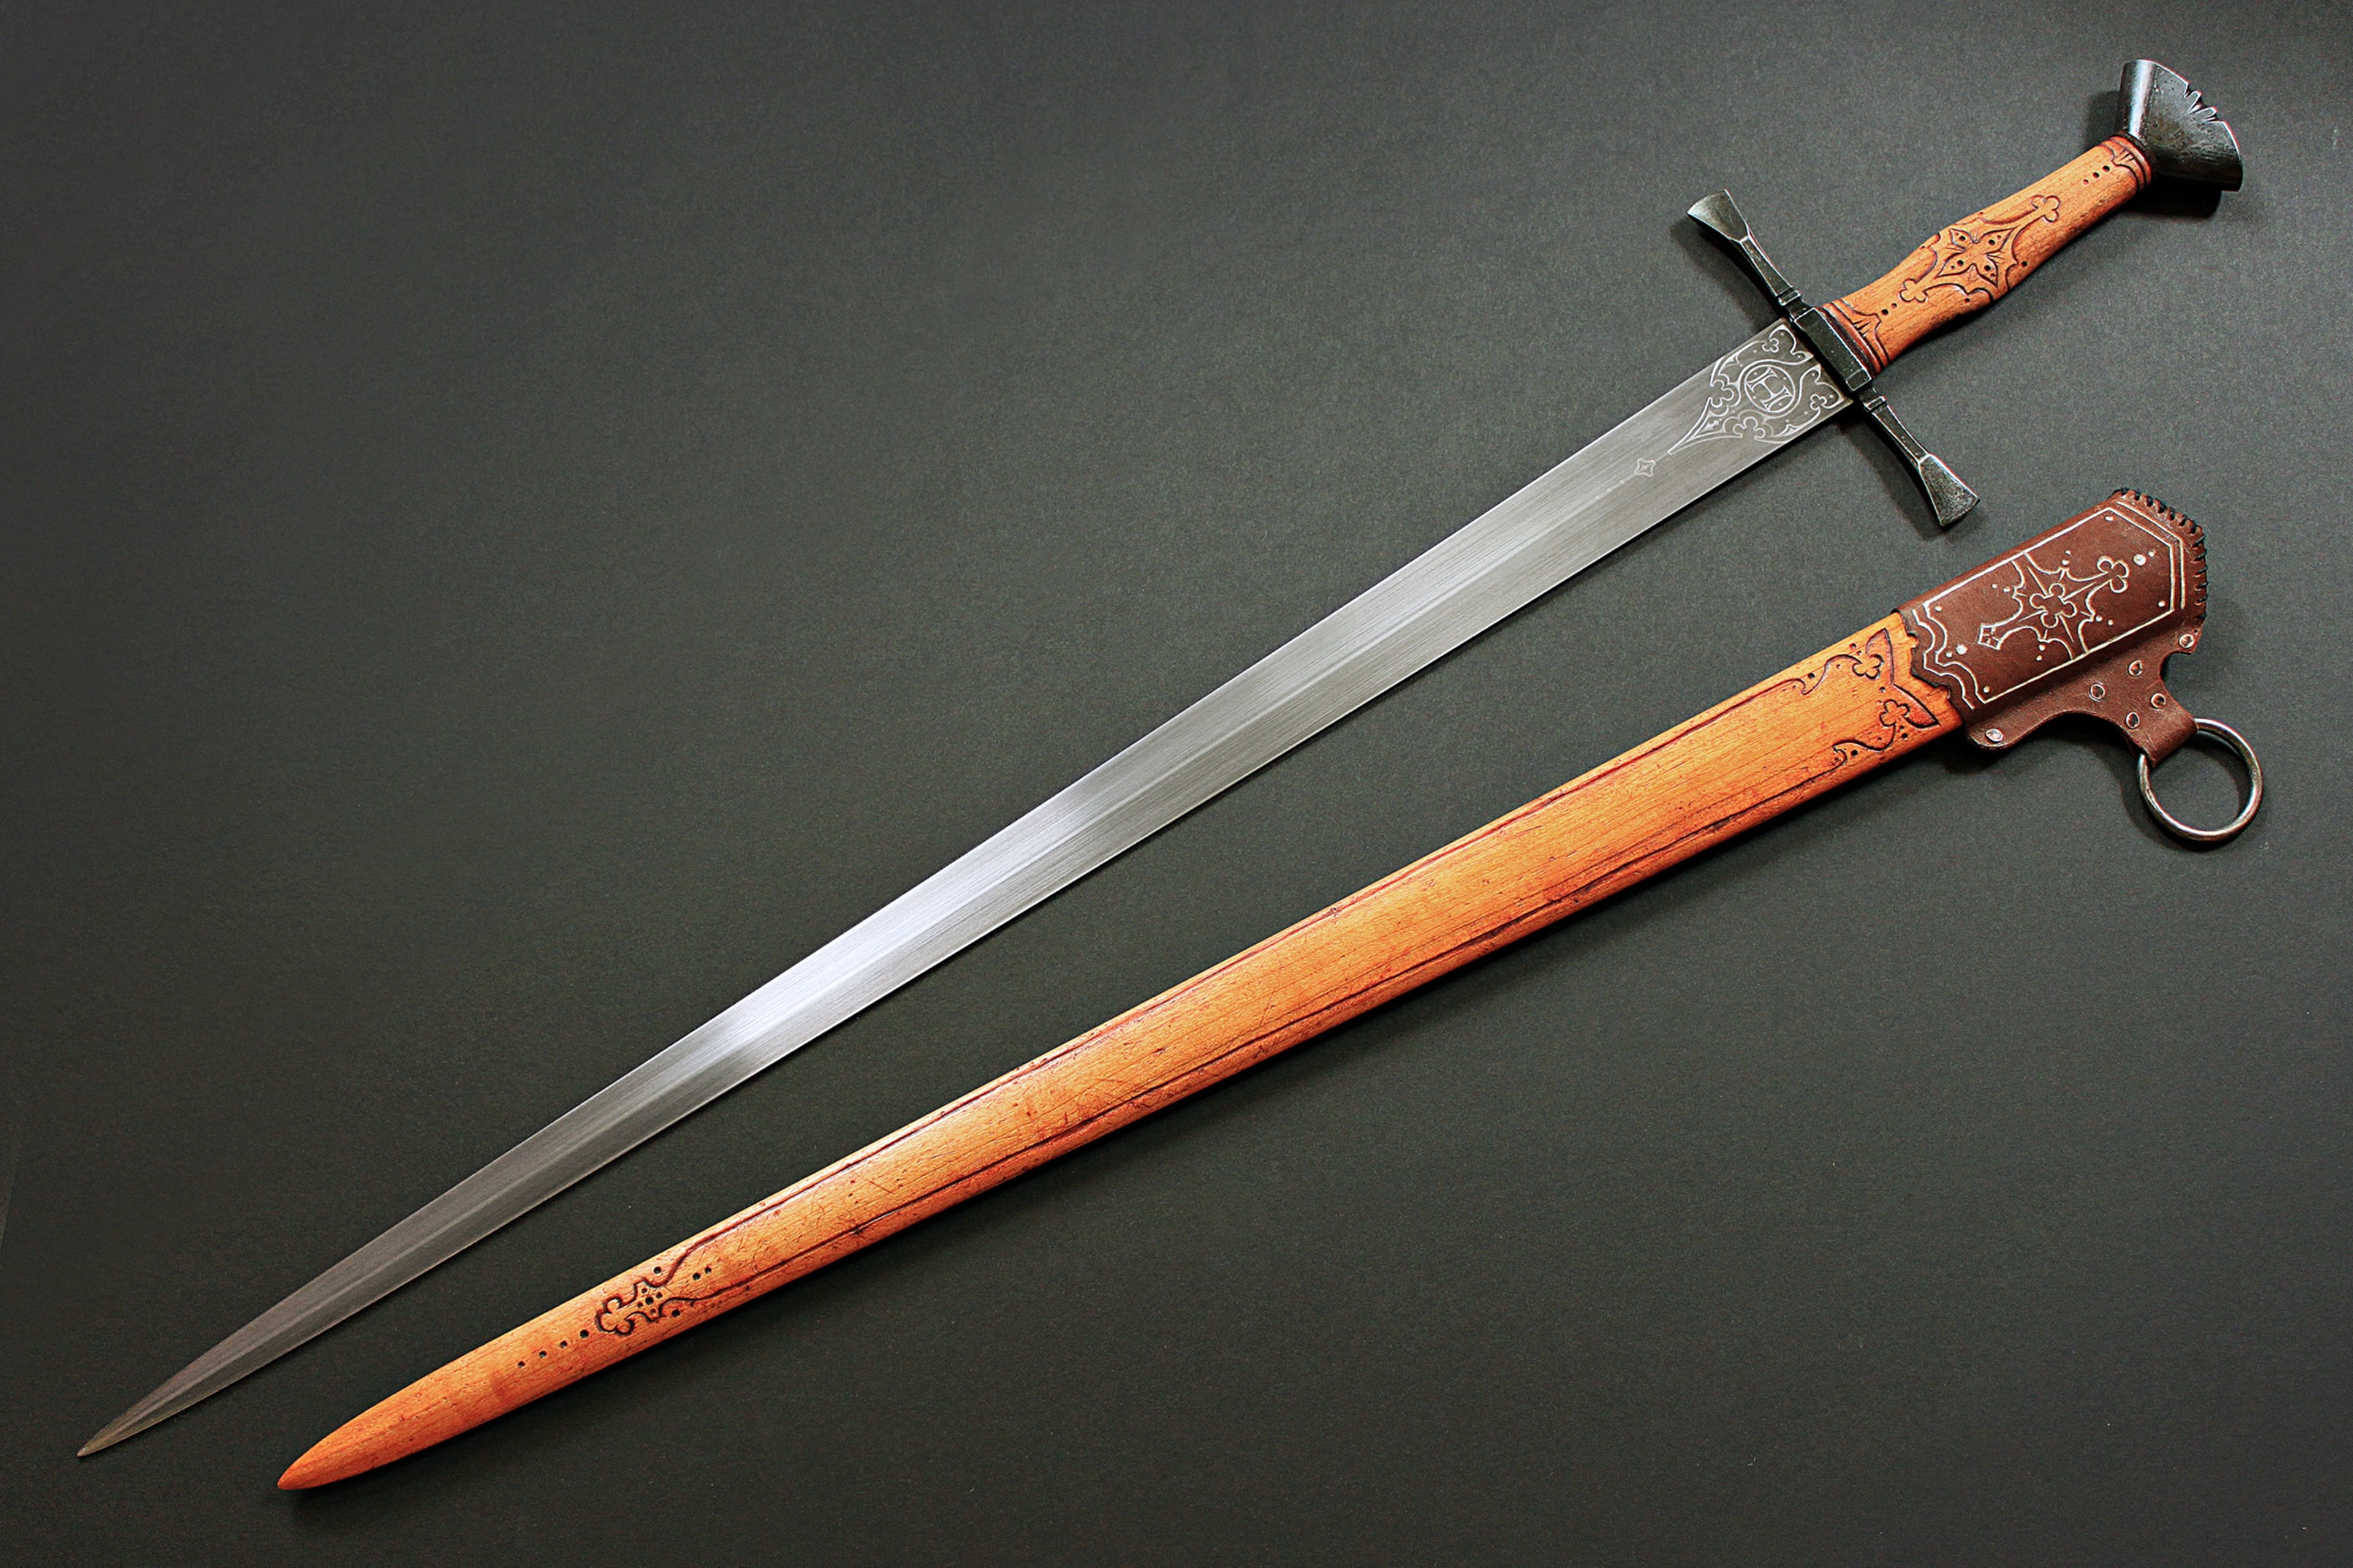 Mech Rukoyatka Stal Fon Weapon Sword Heritage Old Carvings Metal